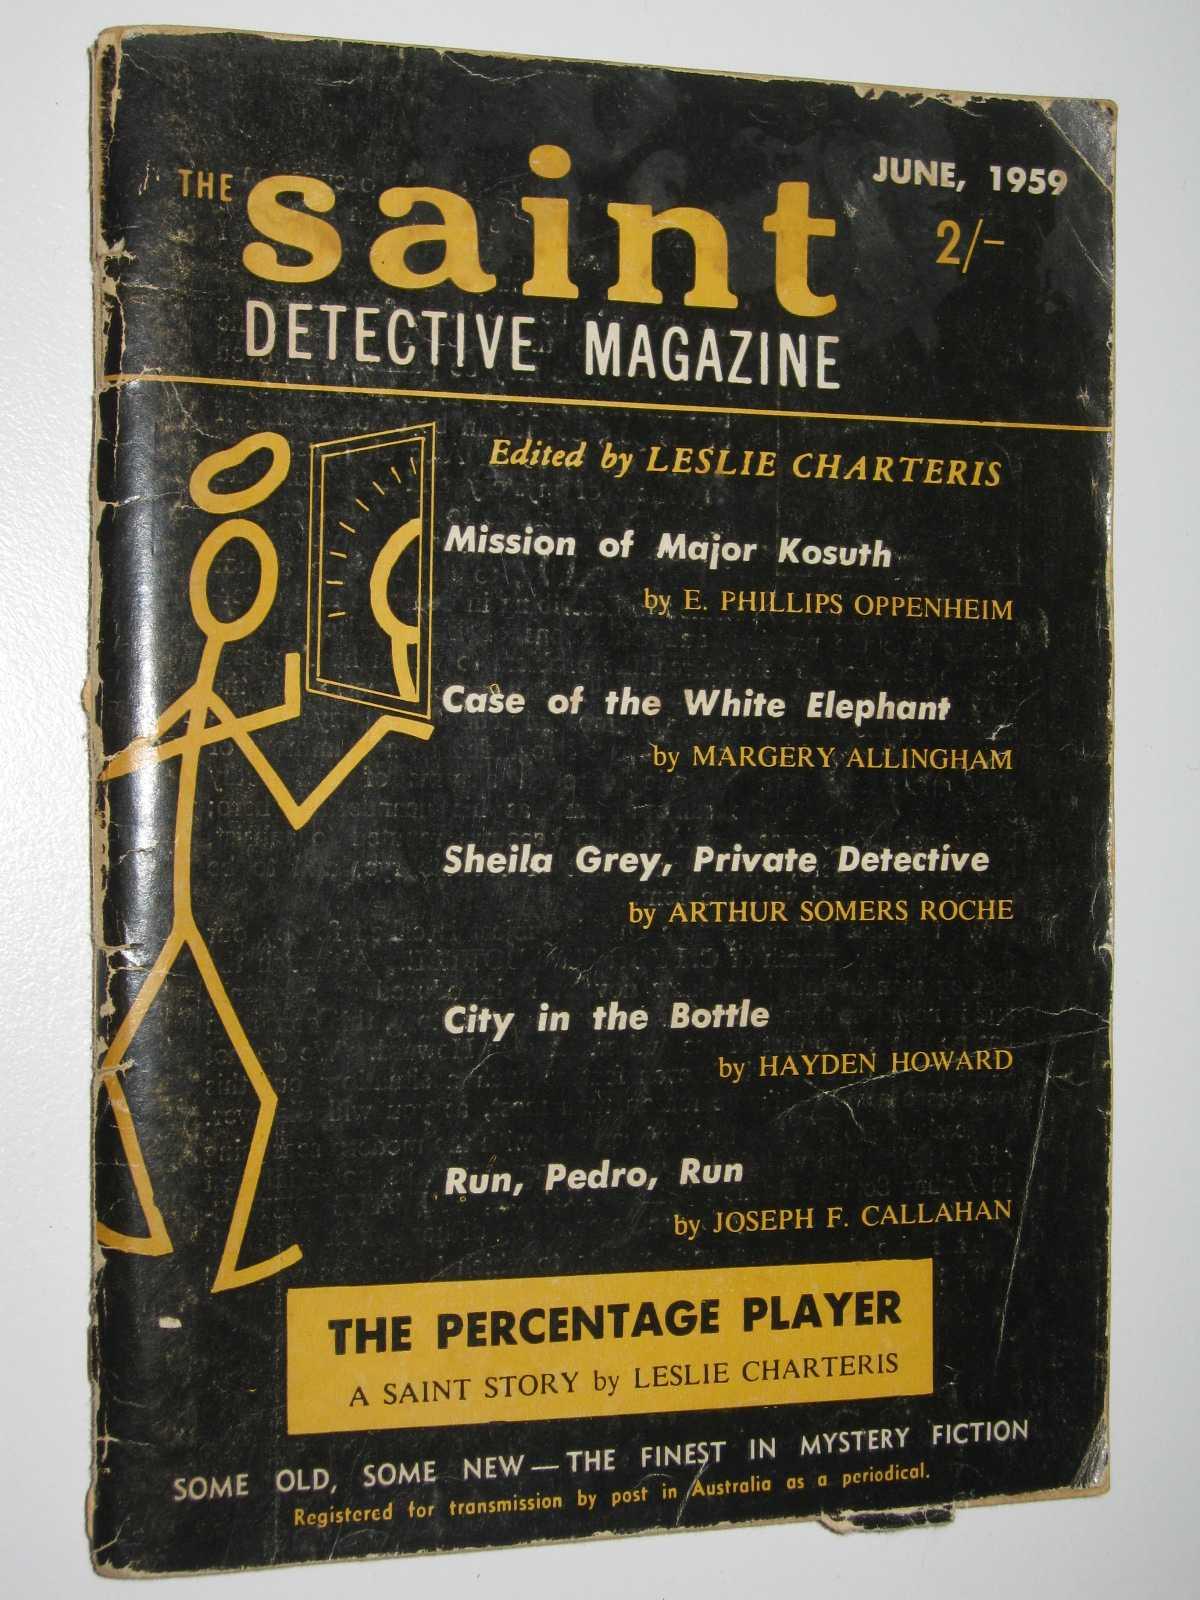 The Saint Detective Magazine June 1959, Charteris, Leslie